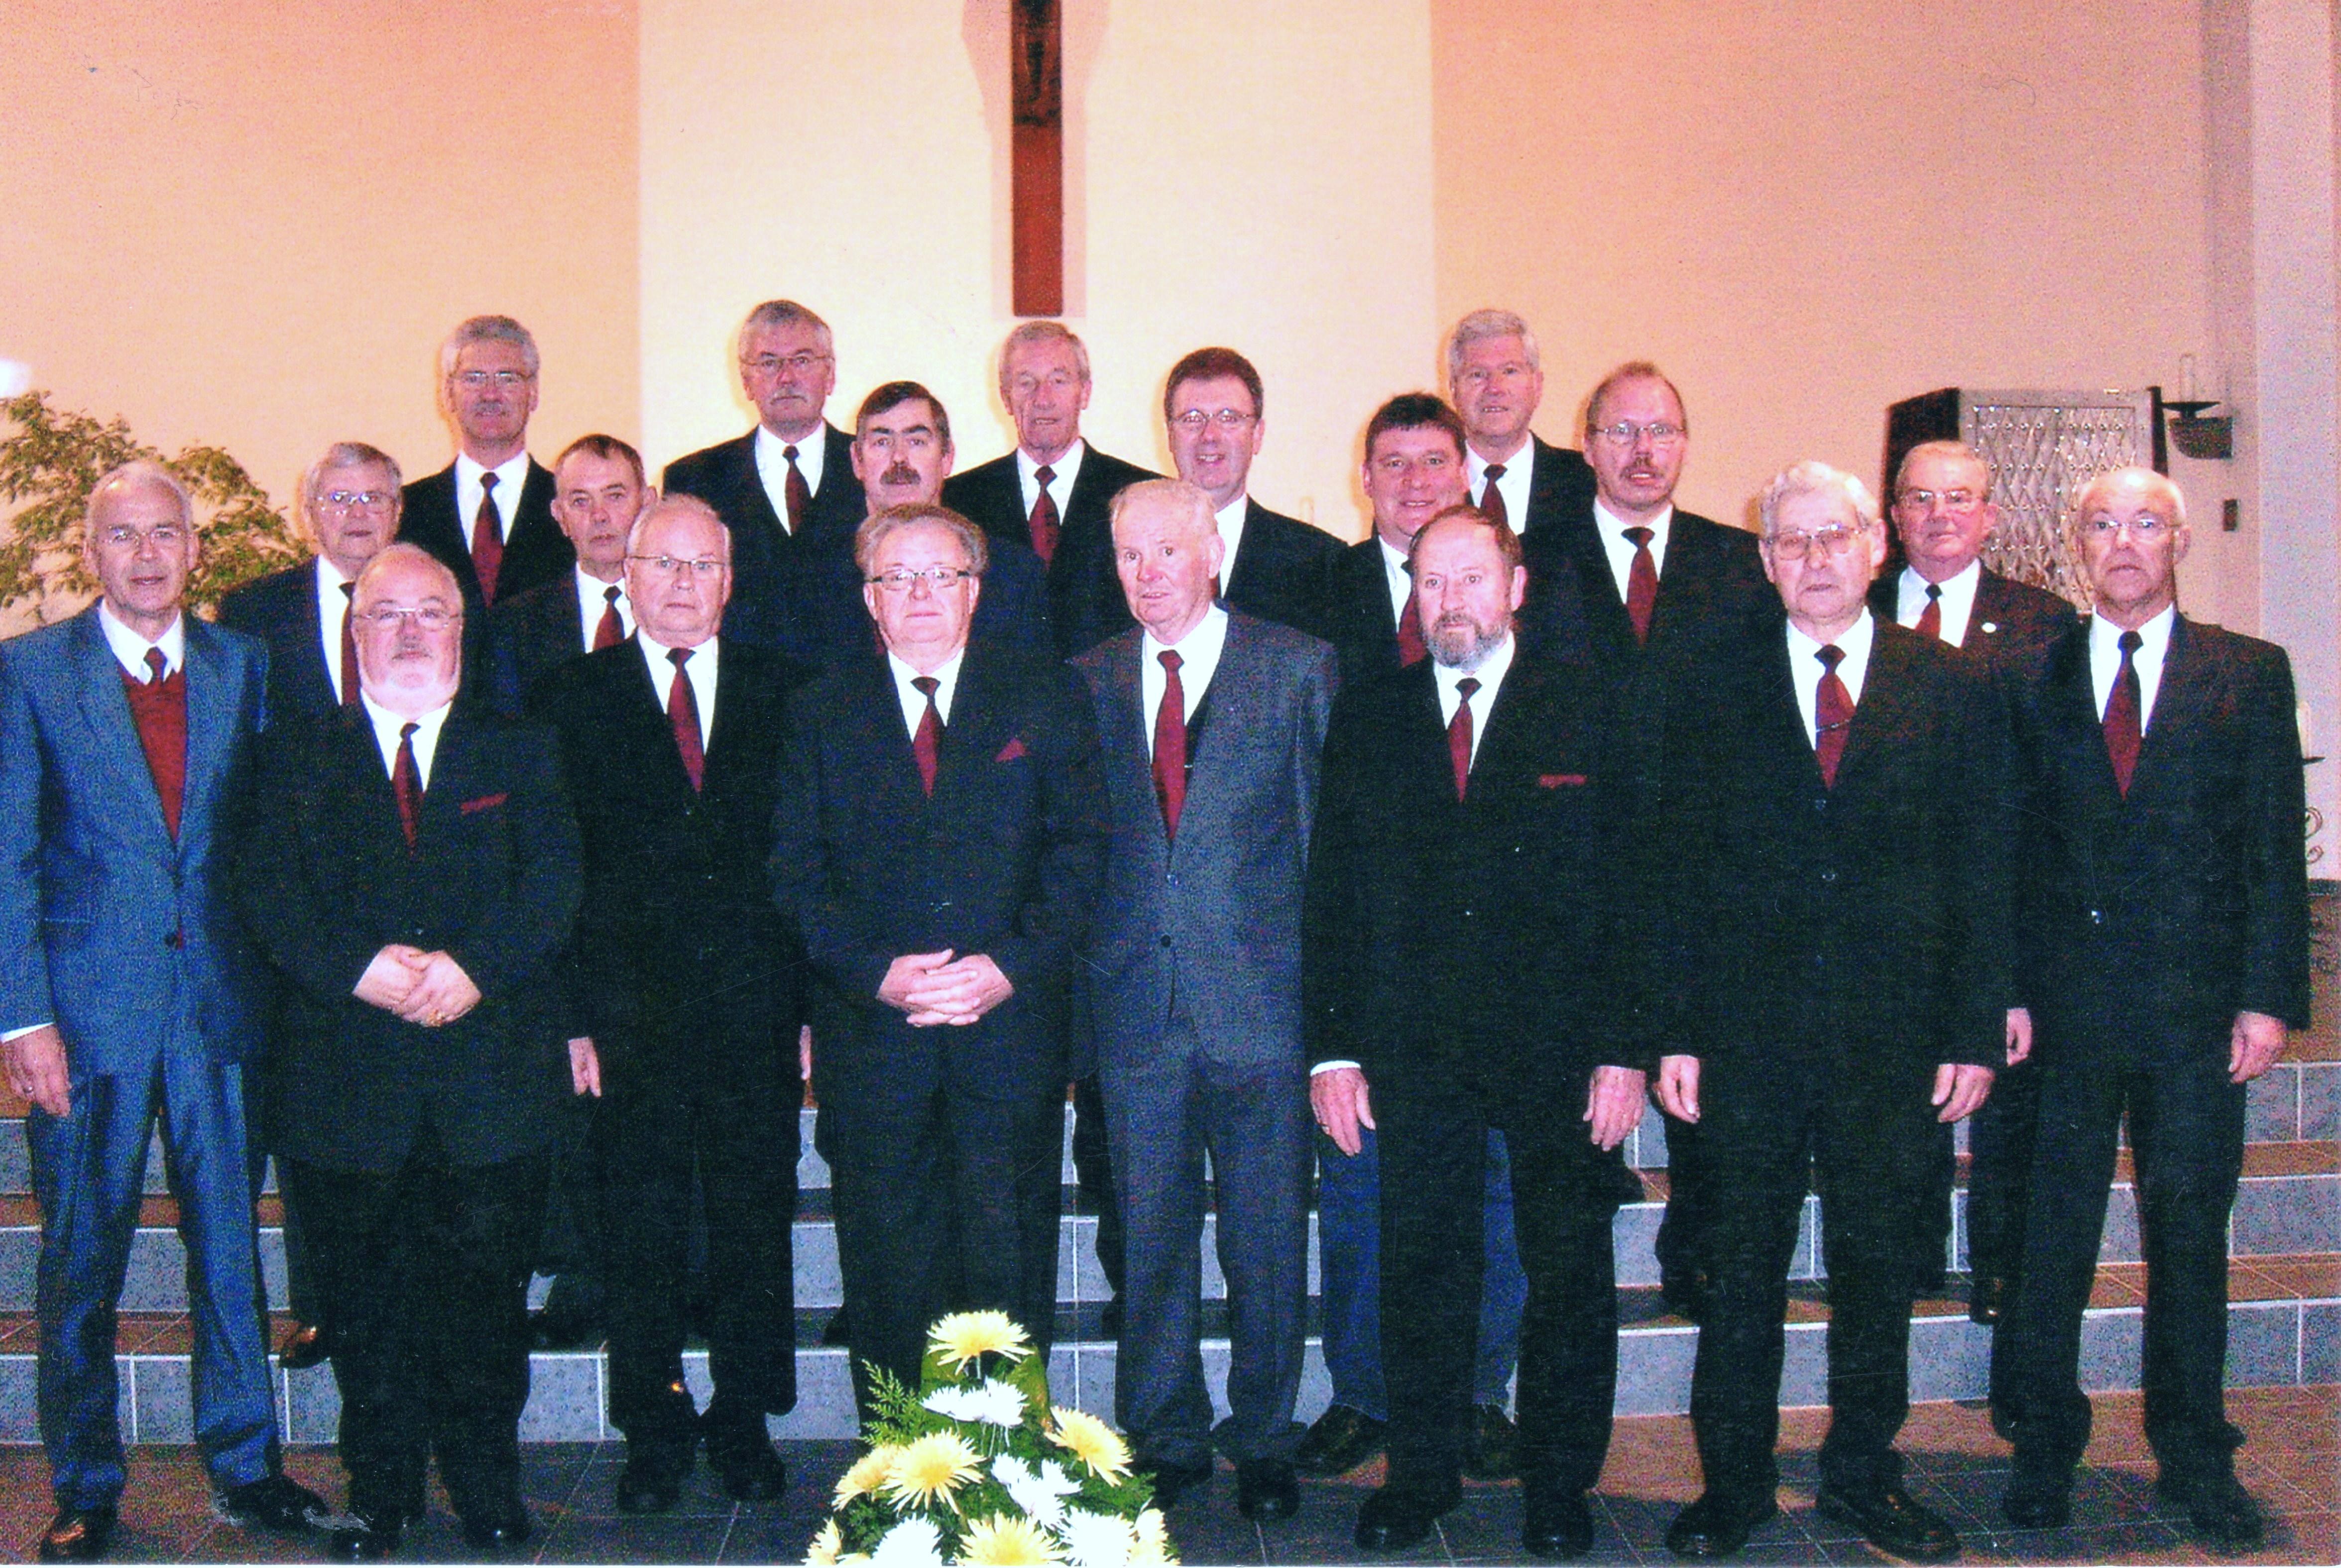 """Kirchenchor """"St. Nikolaus"""" 1890 Lucherberg (Weihnachten 2006)"""